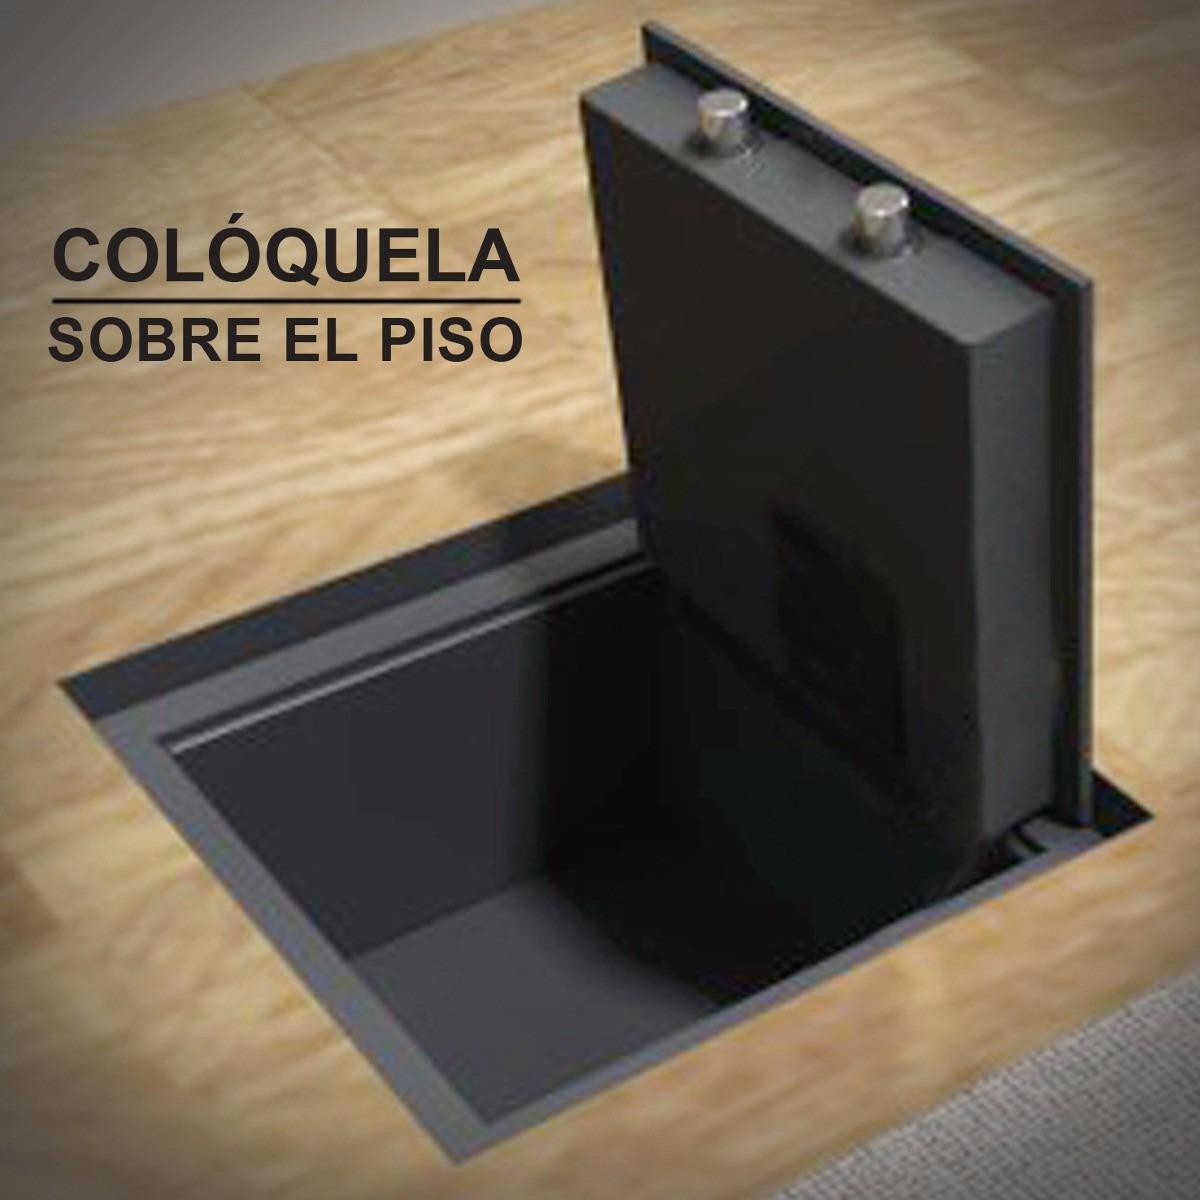 Nueva caja fuerte de acero combinacion digital - Precio caja fuerte ...